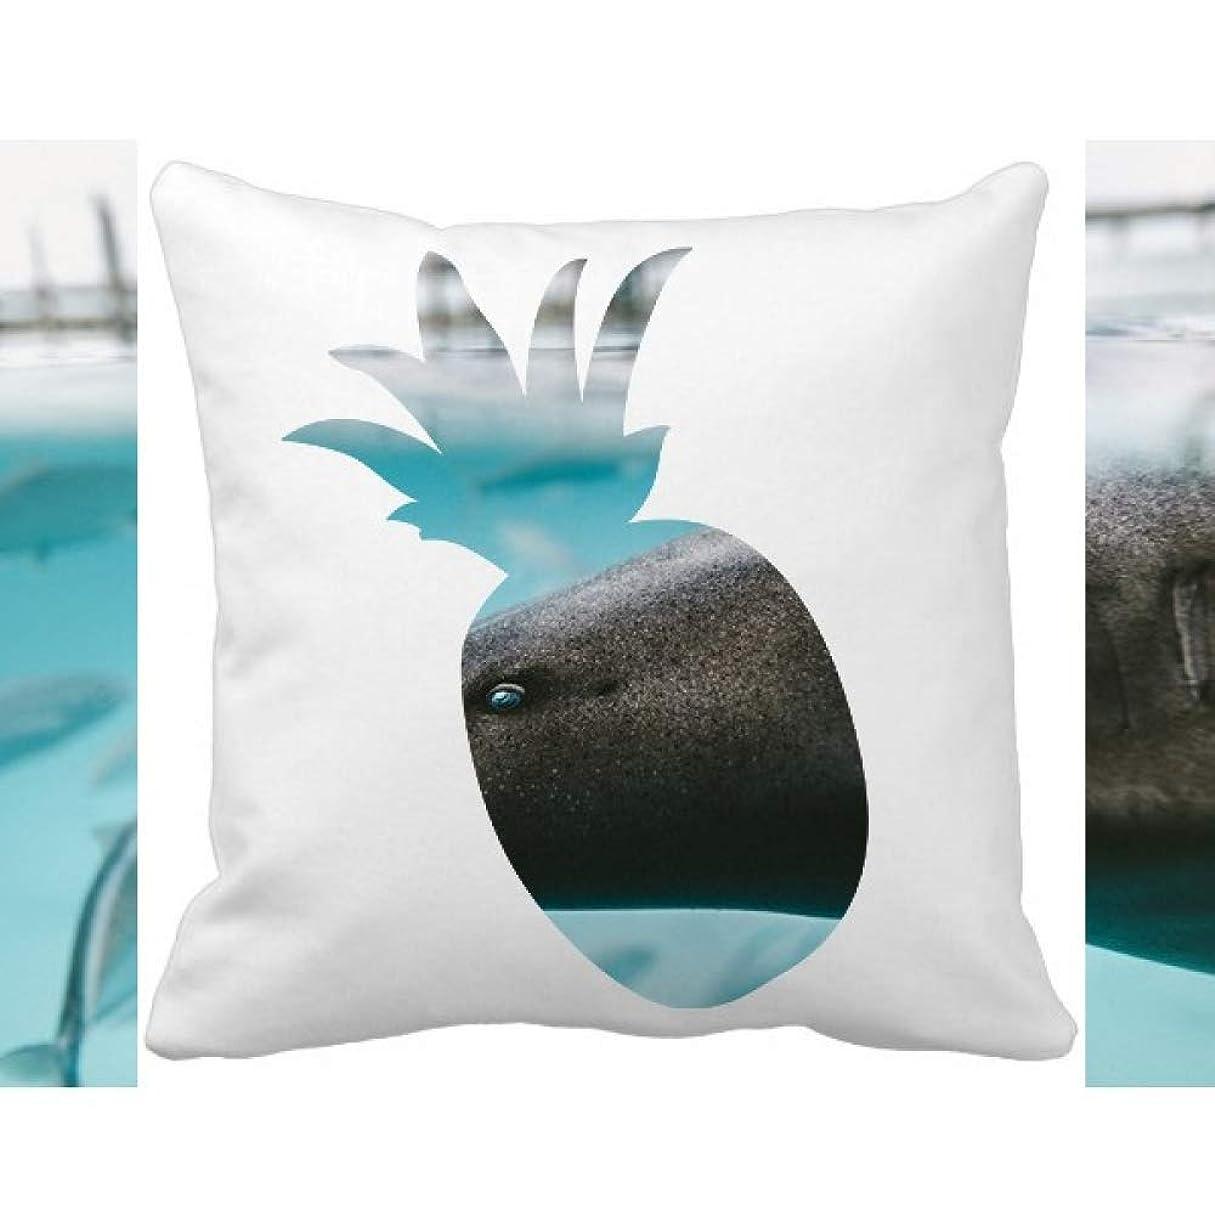 被る省略するアカウント海洋生物サメの海の動物 パイナップル枕カバー正方形を投げる 50cm x 50cm